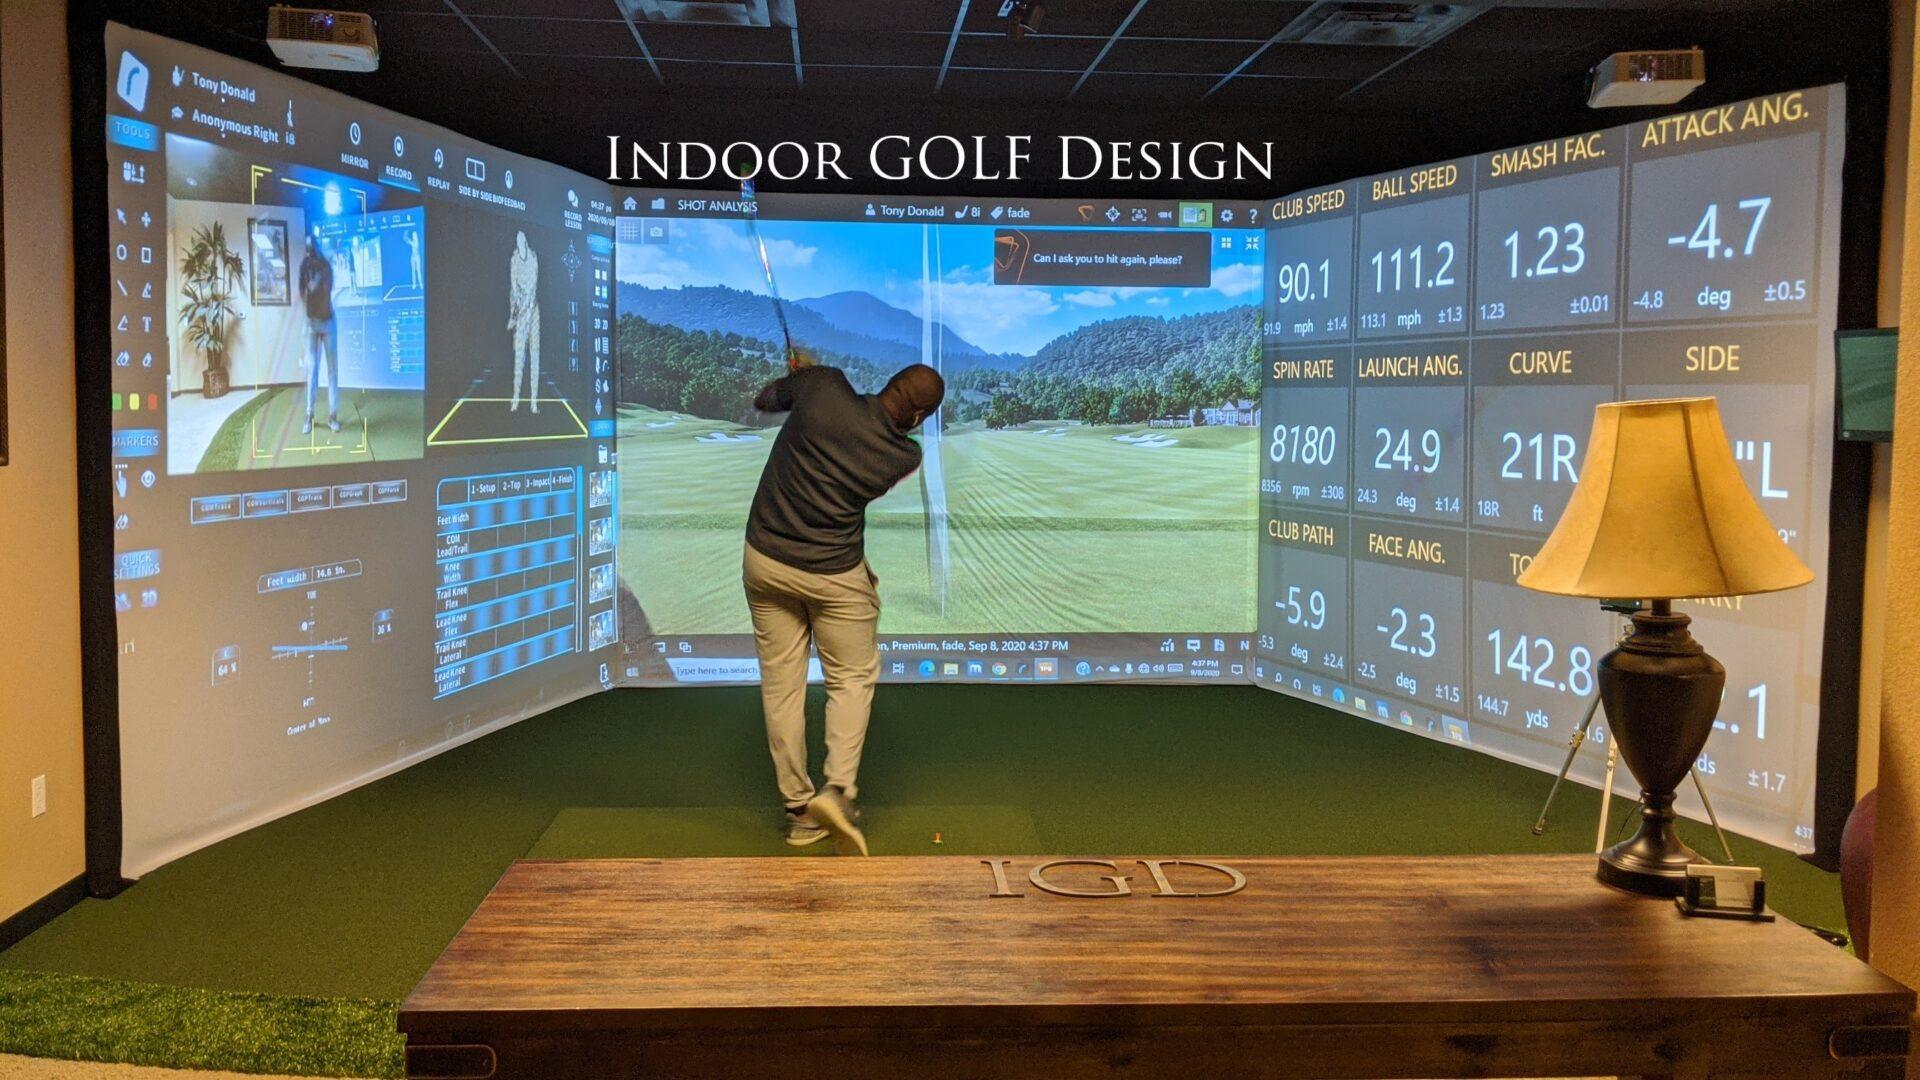 Indoor Golf Design Simulator